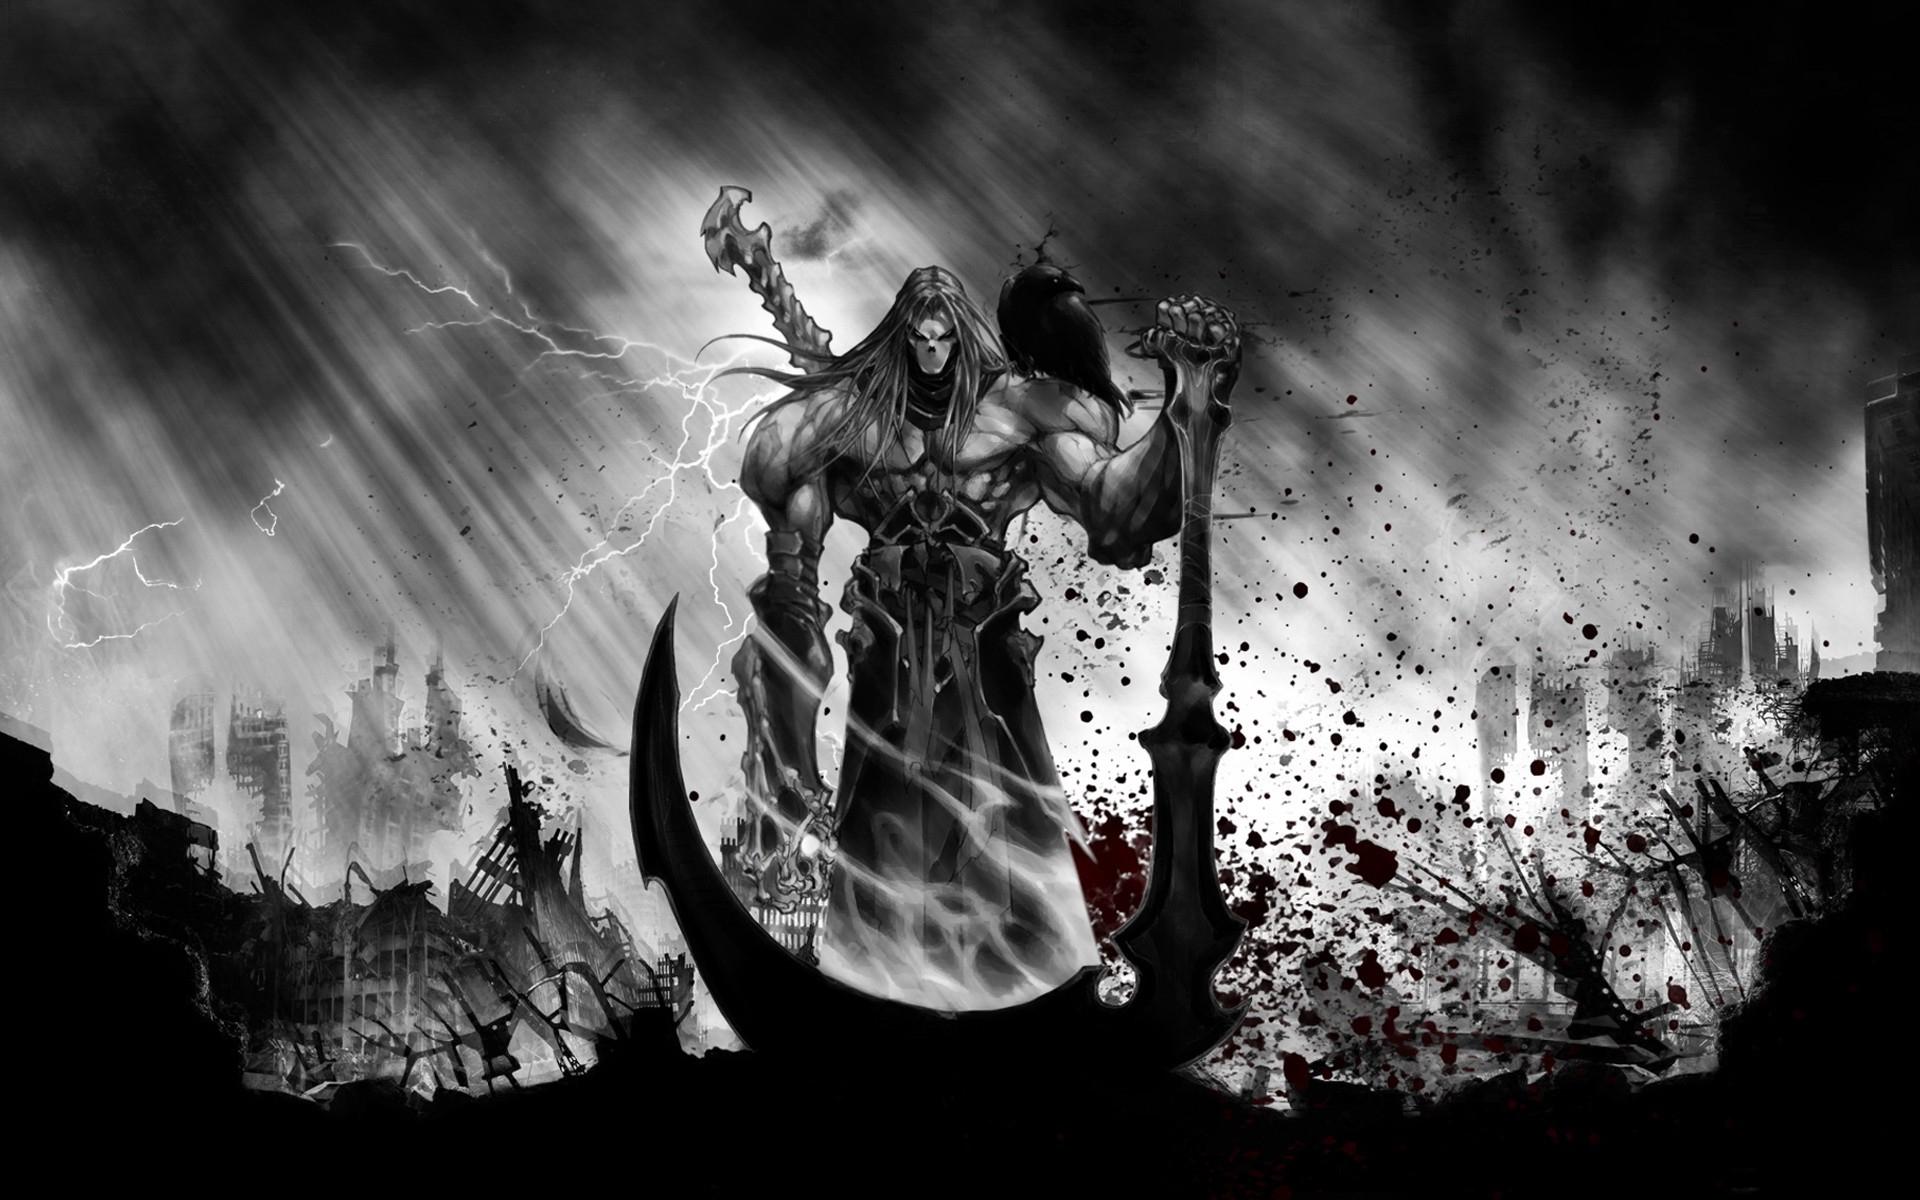 darksiders ii scythe